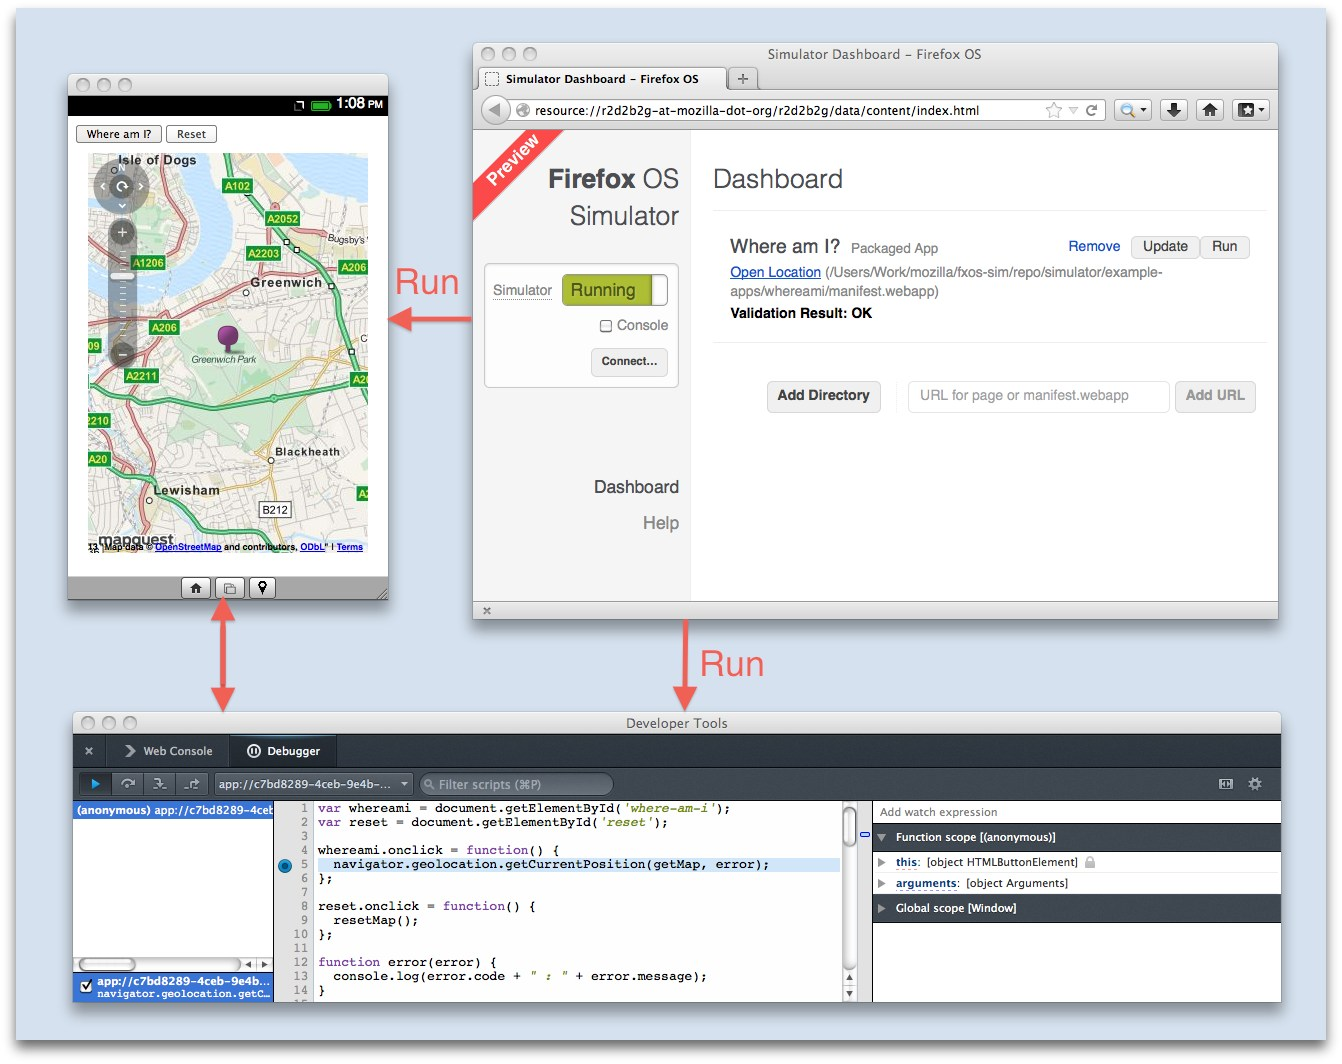 Mozilla stellt Firefox OS Simulator 3 0 online - WinFuture de